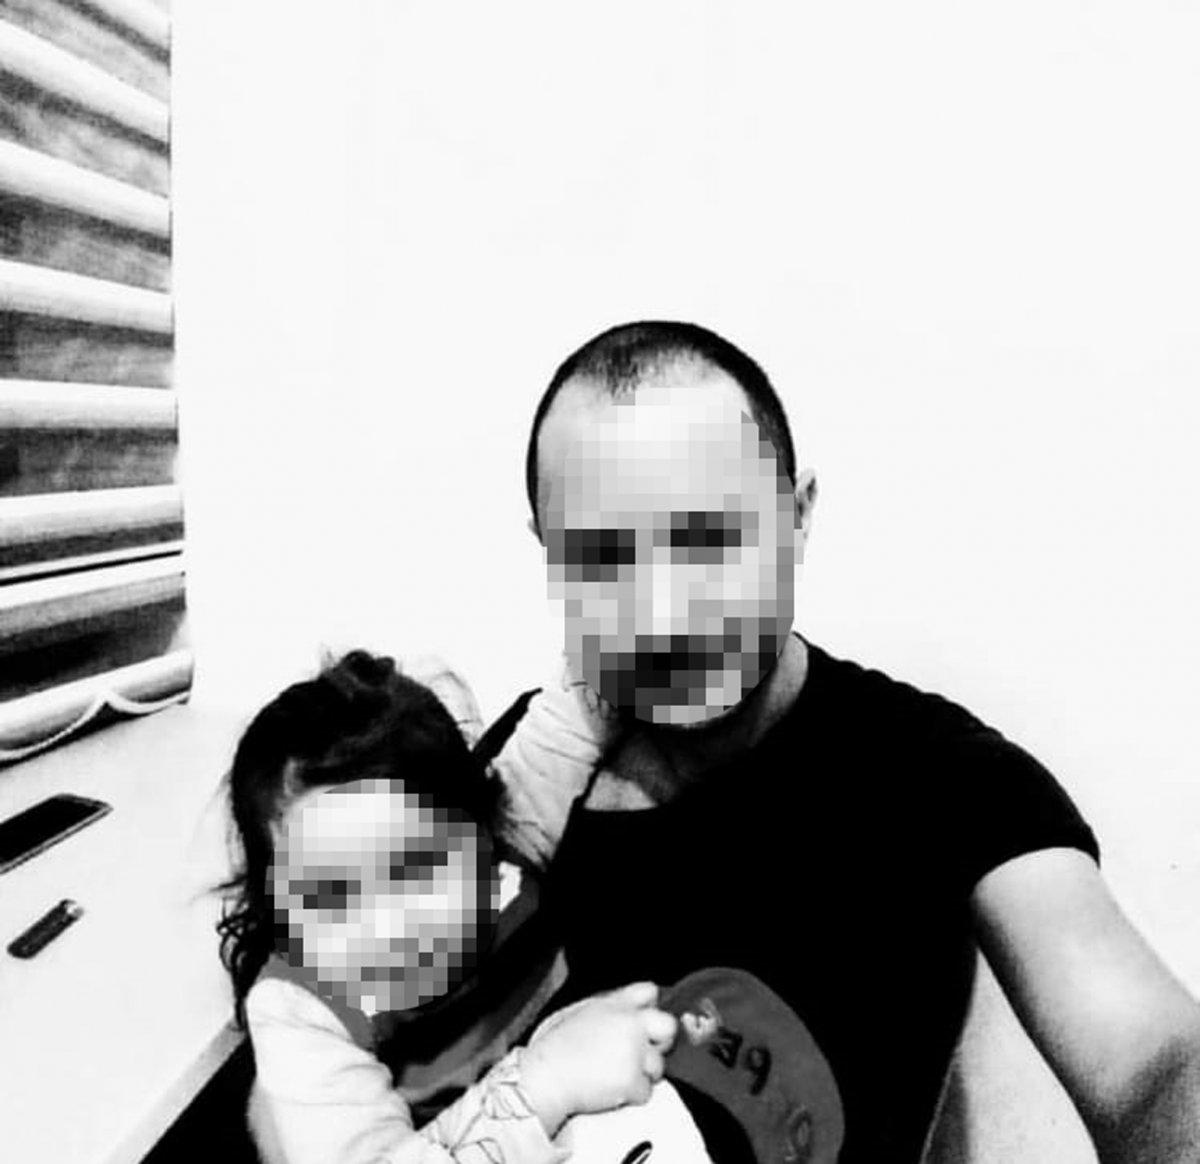 Antalya da üvey babası tarafından tacize uğradı: Devlet korumasına alındı #5